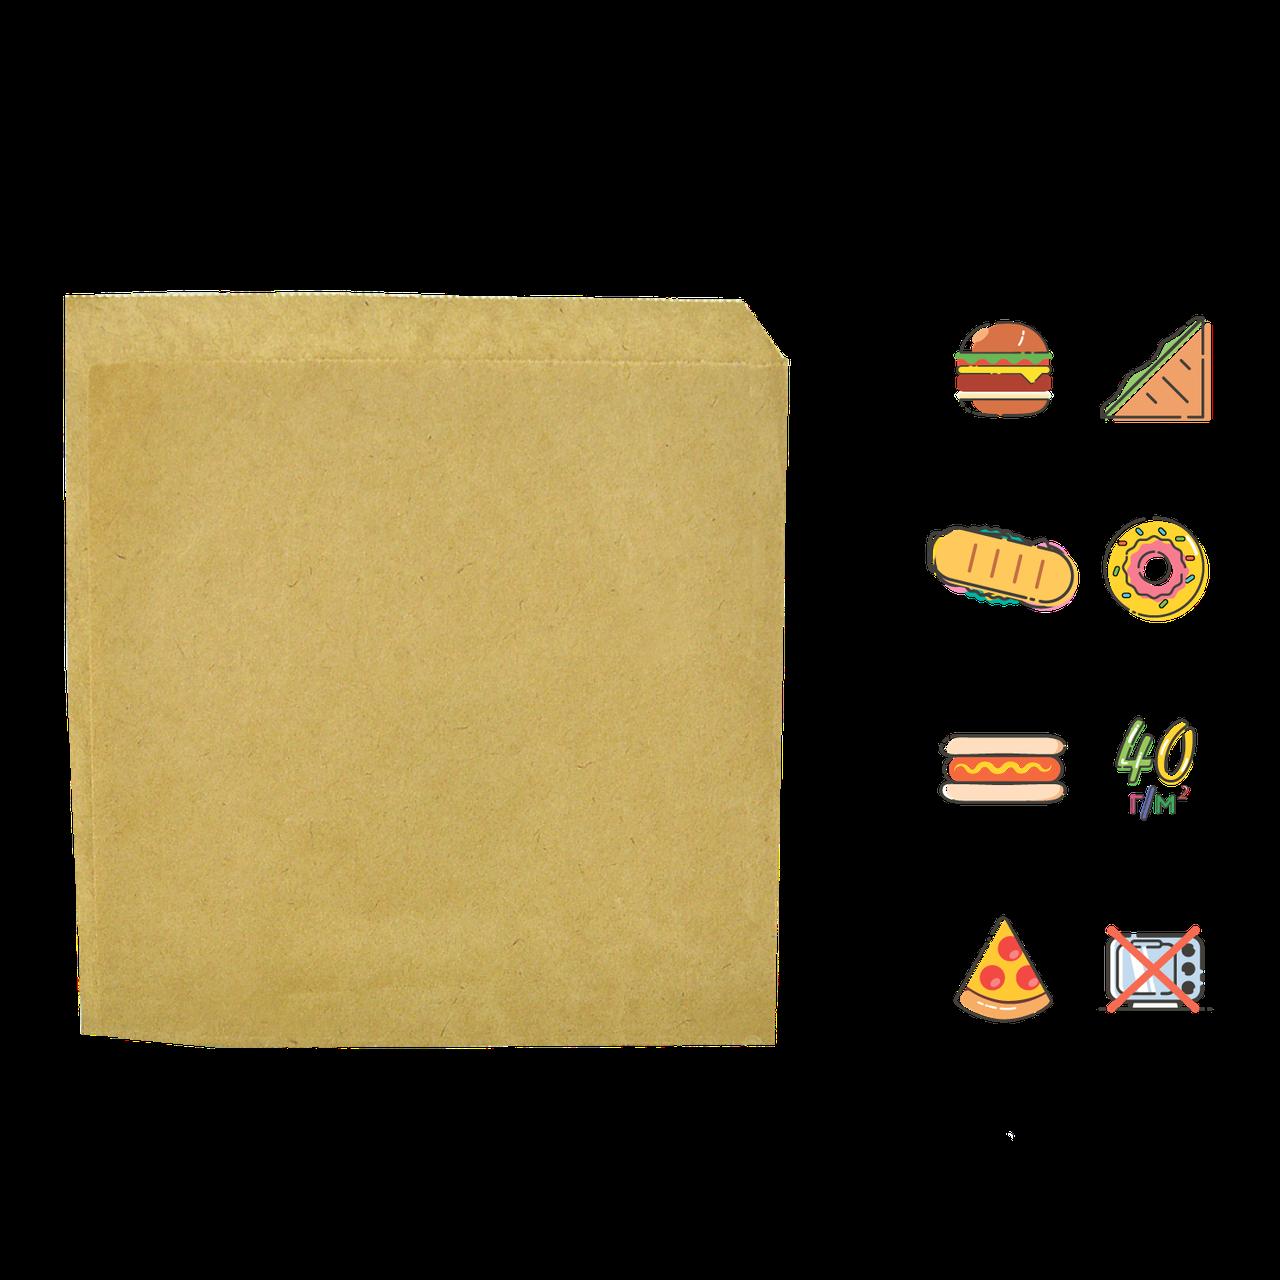 Бумажный пакет Уголок Крафт 140х140мм (ВхШ) 40г/м² 500шт (42)